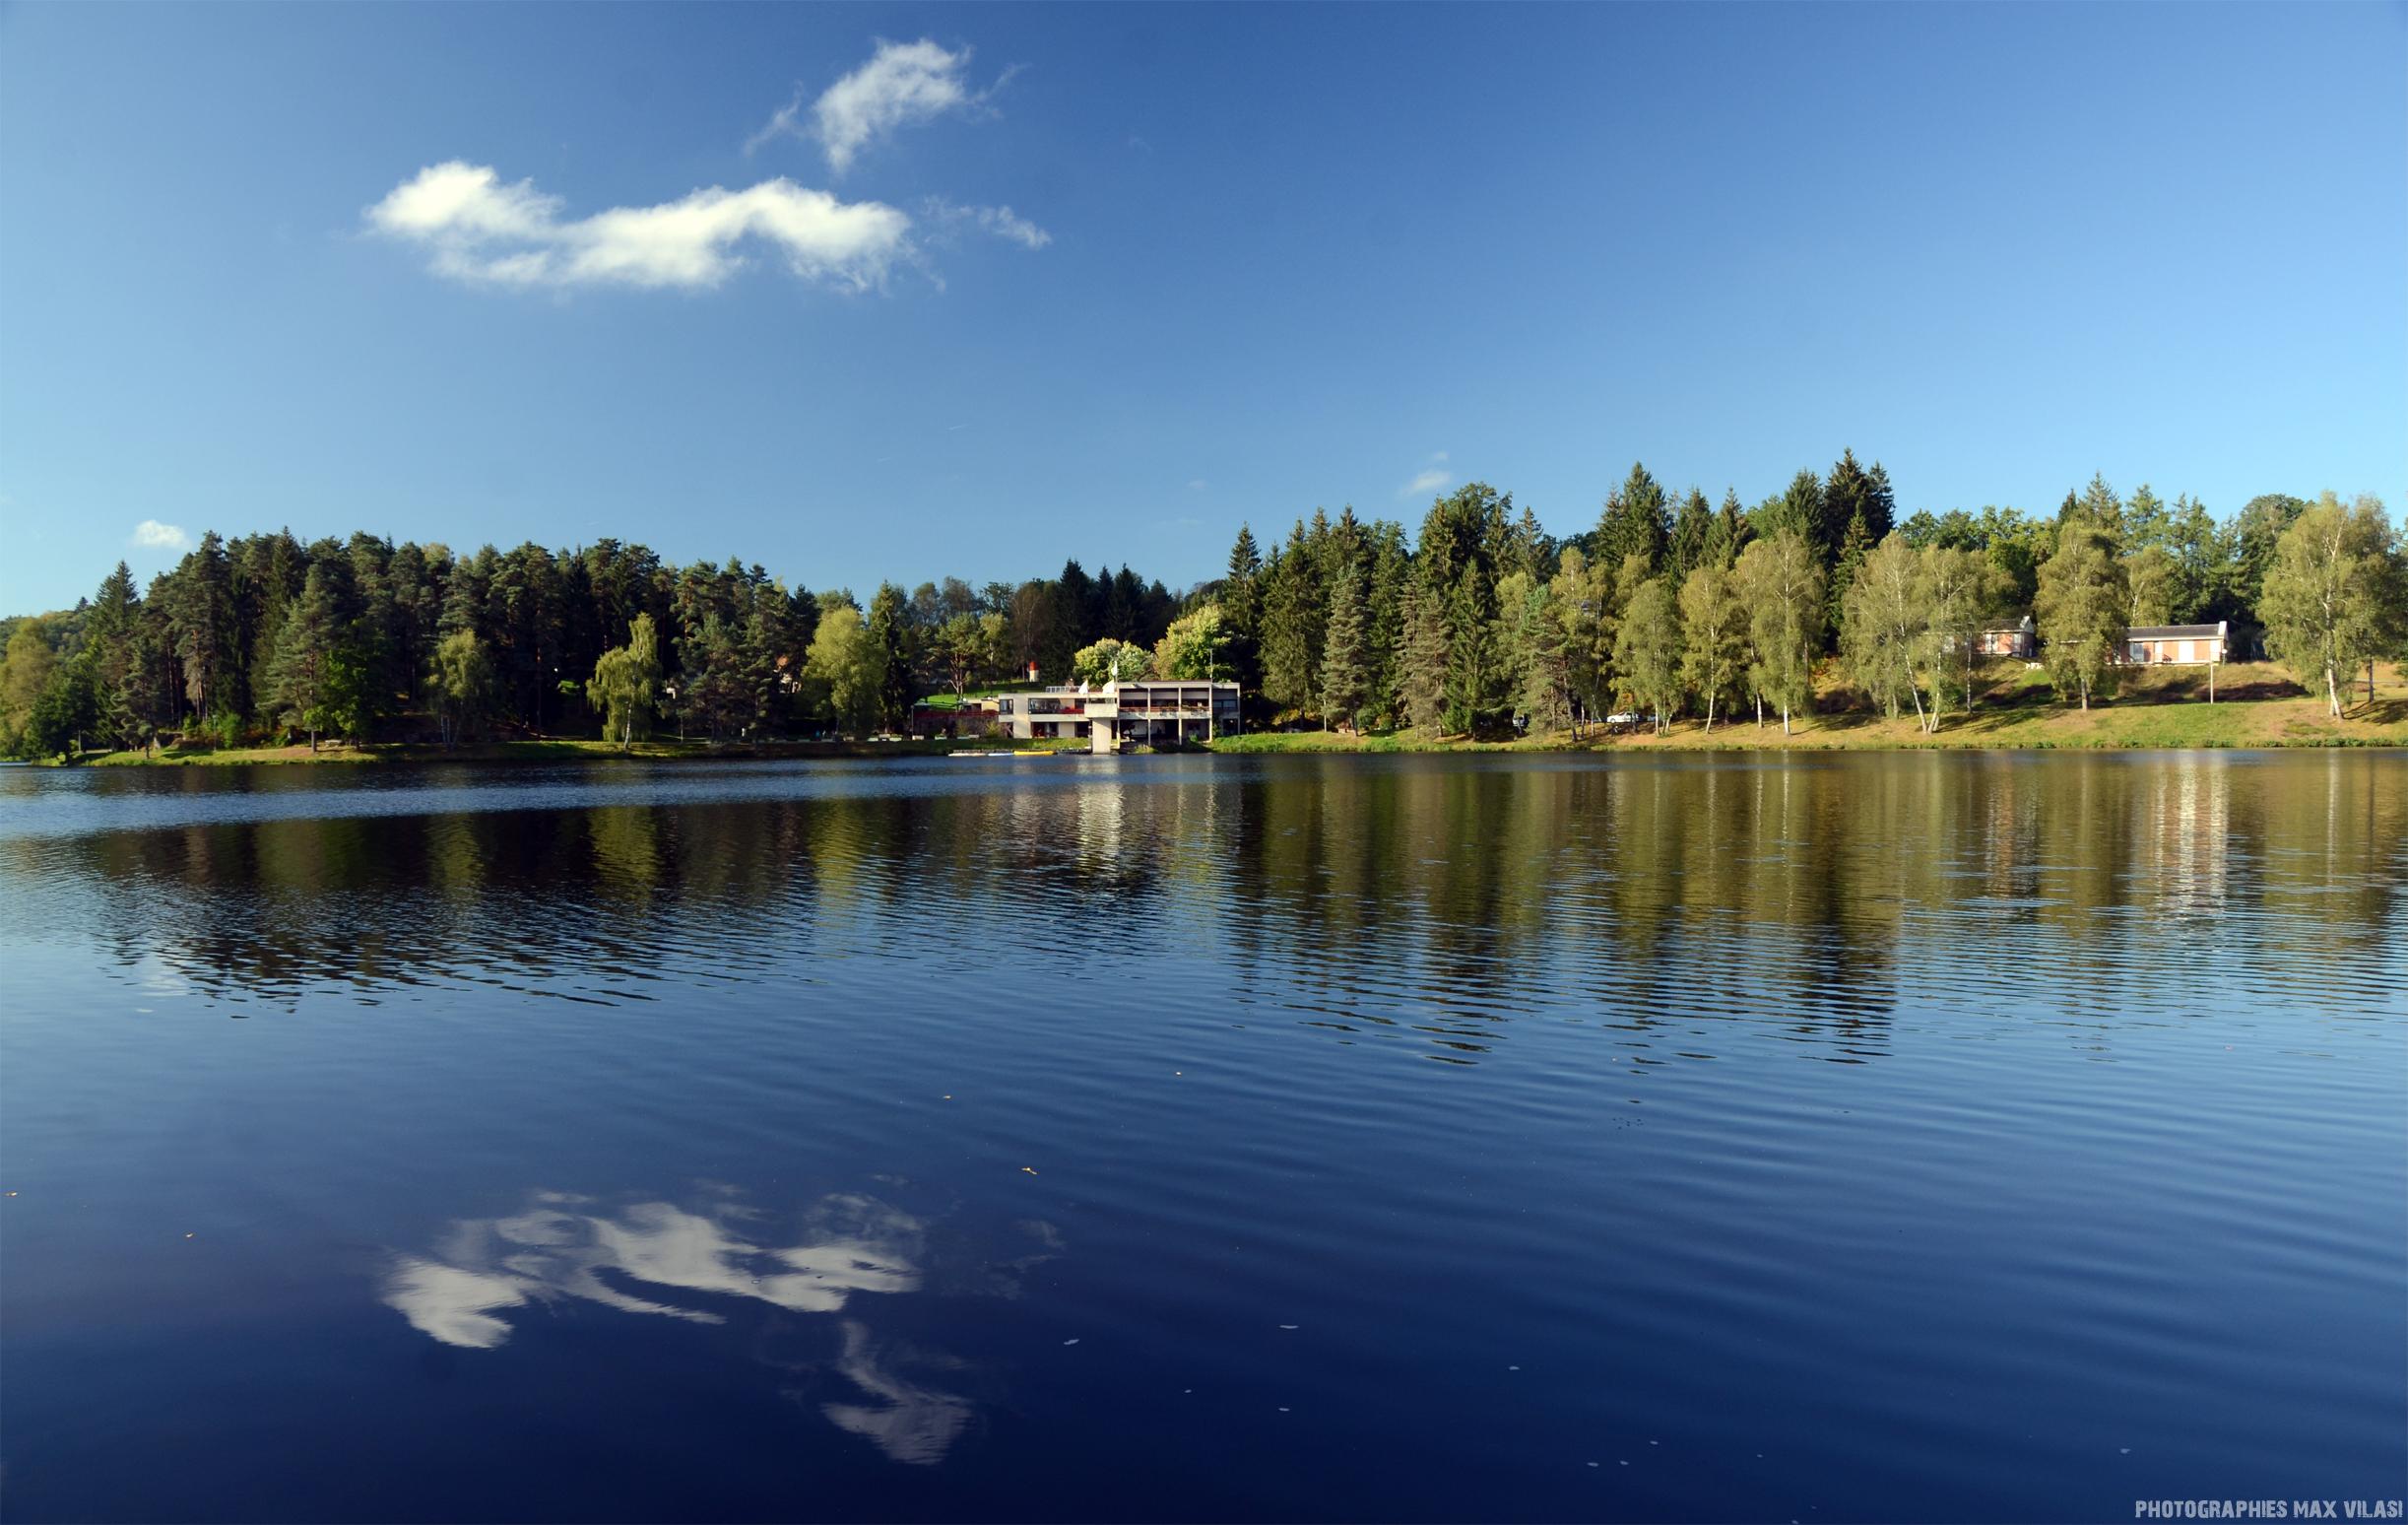 Le Bâtiment du Lac